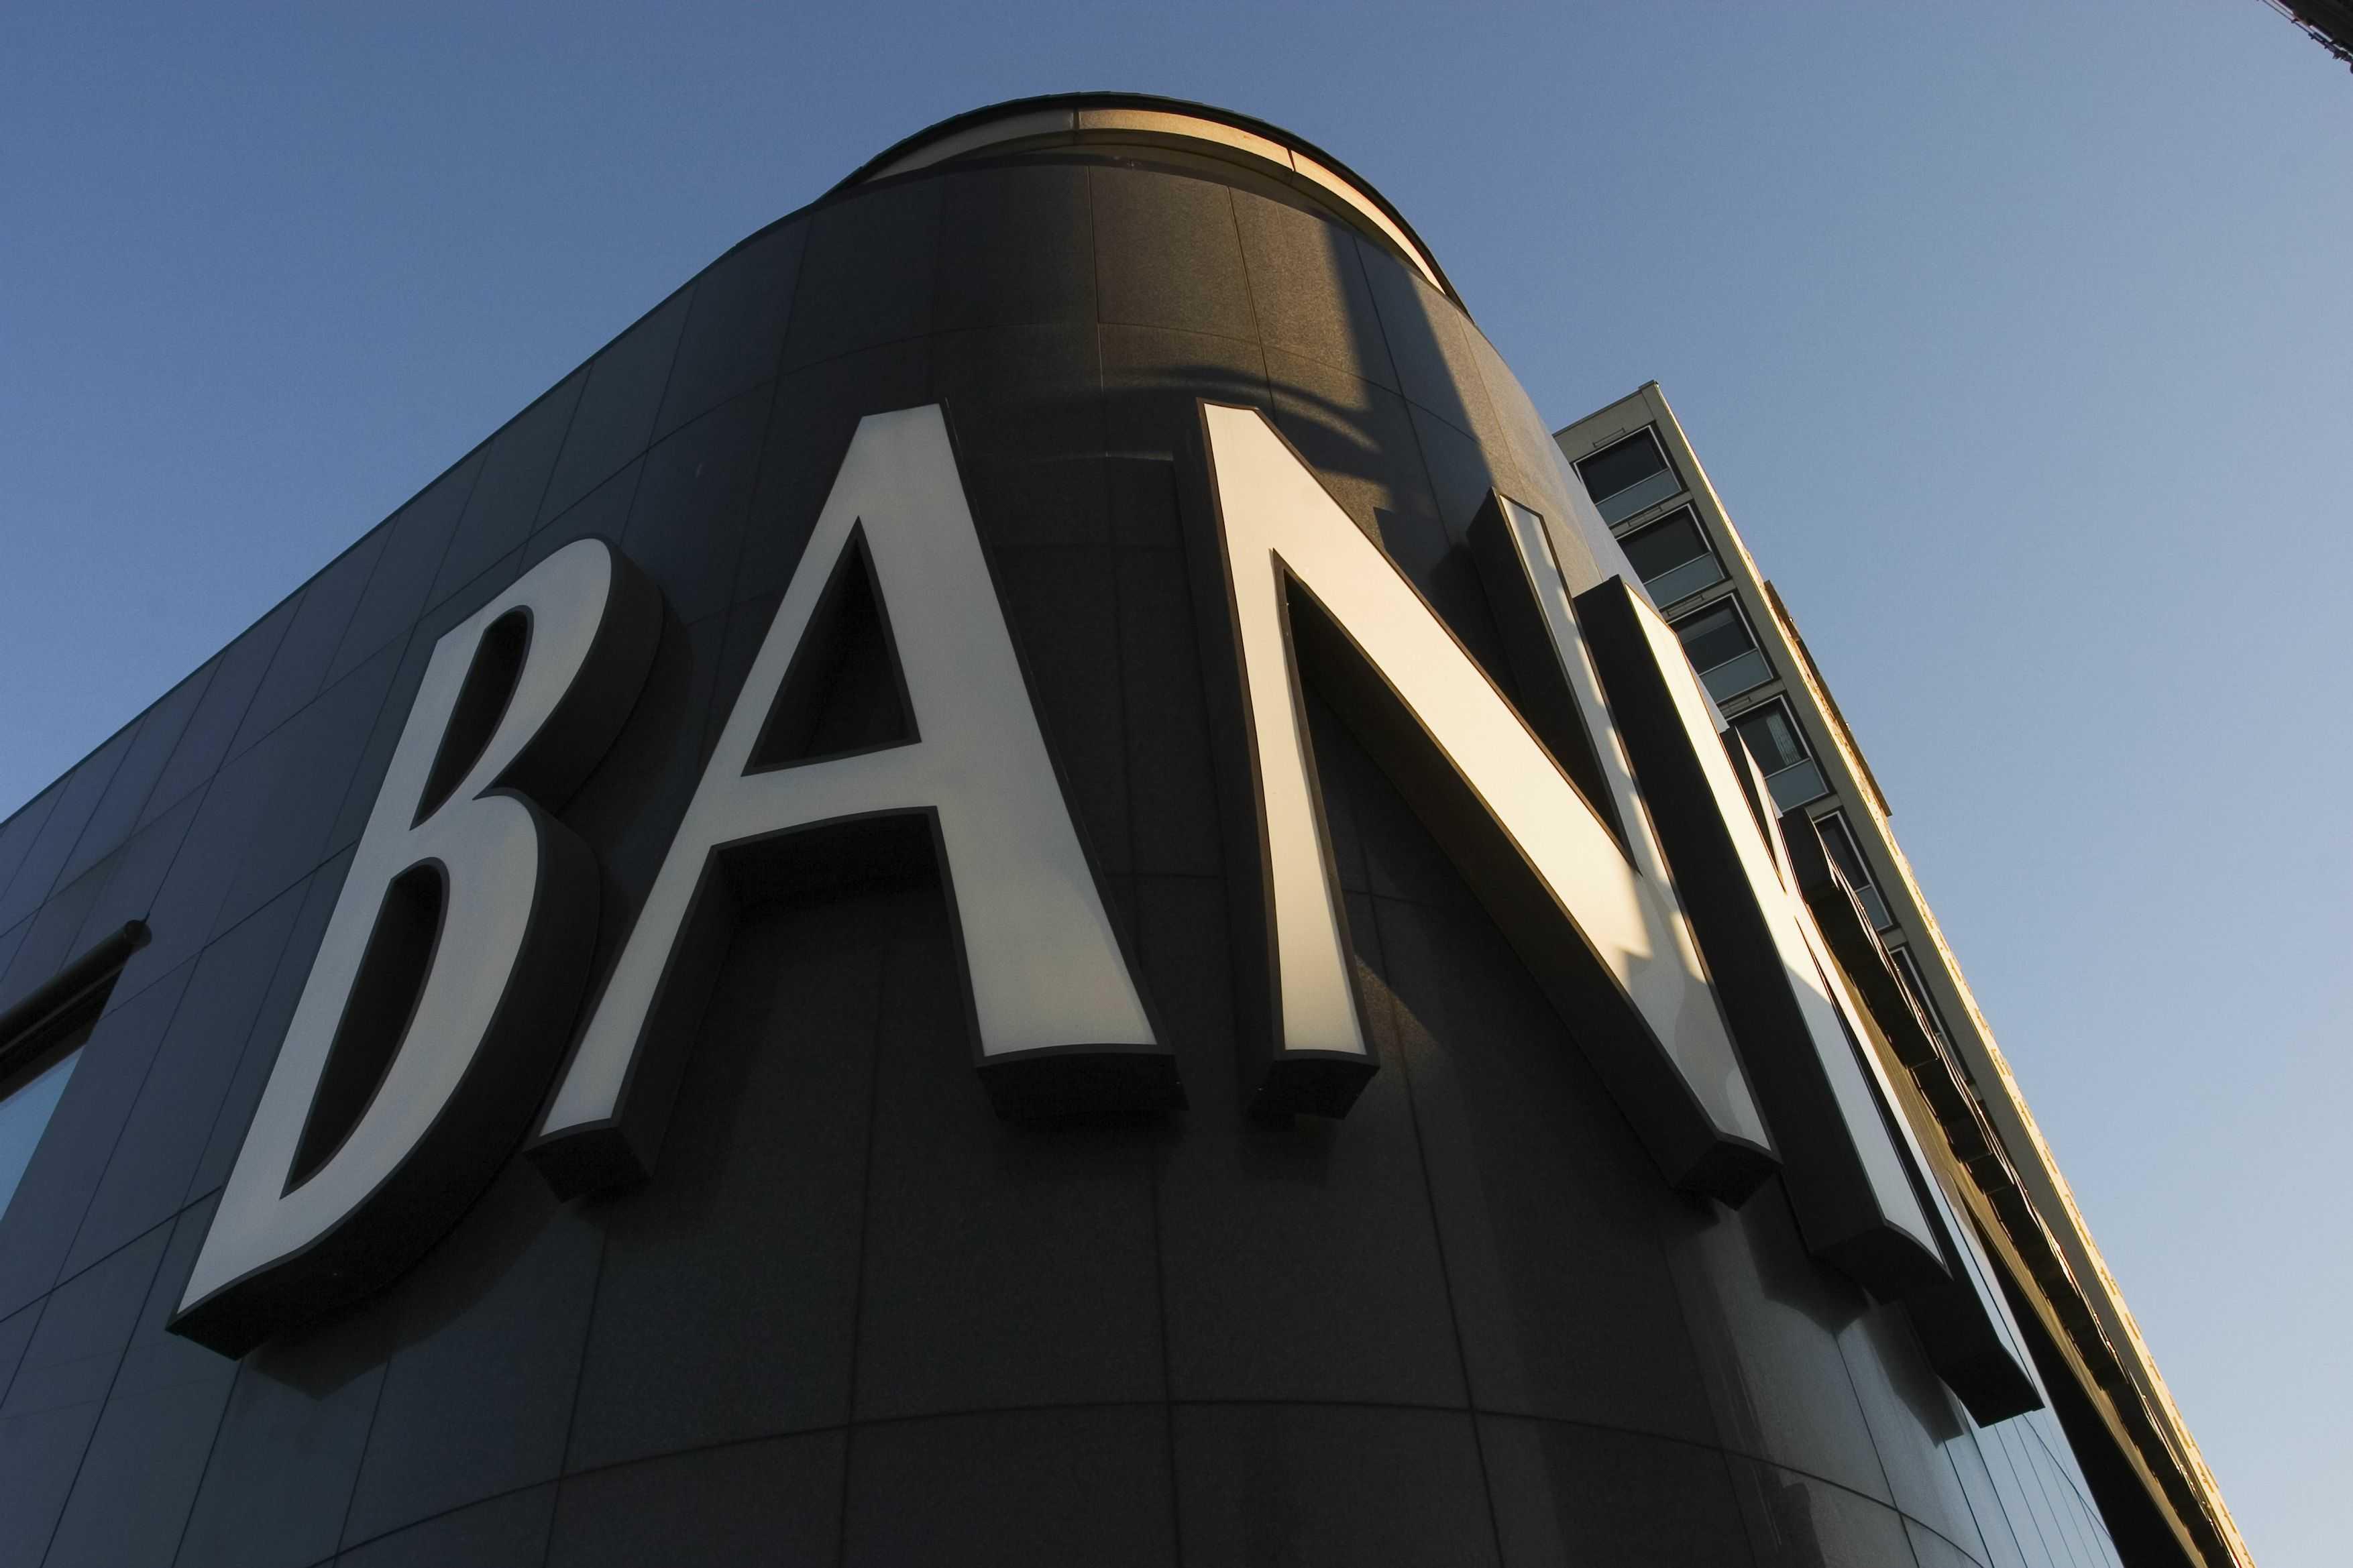 如何看待针对中小银行的降准